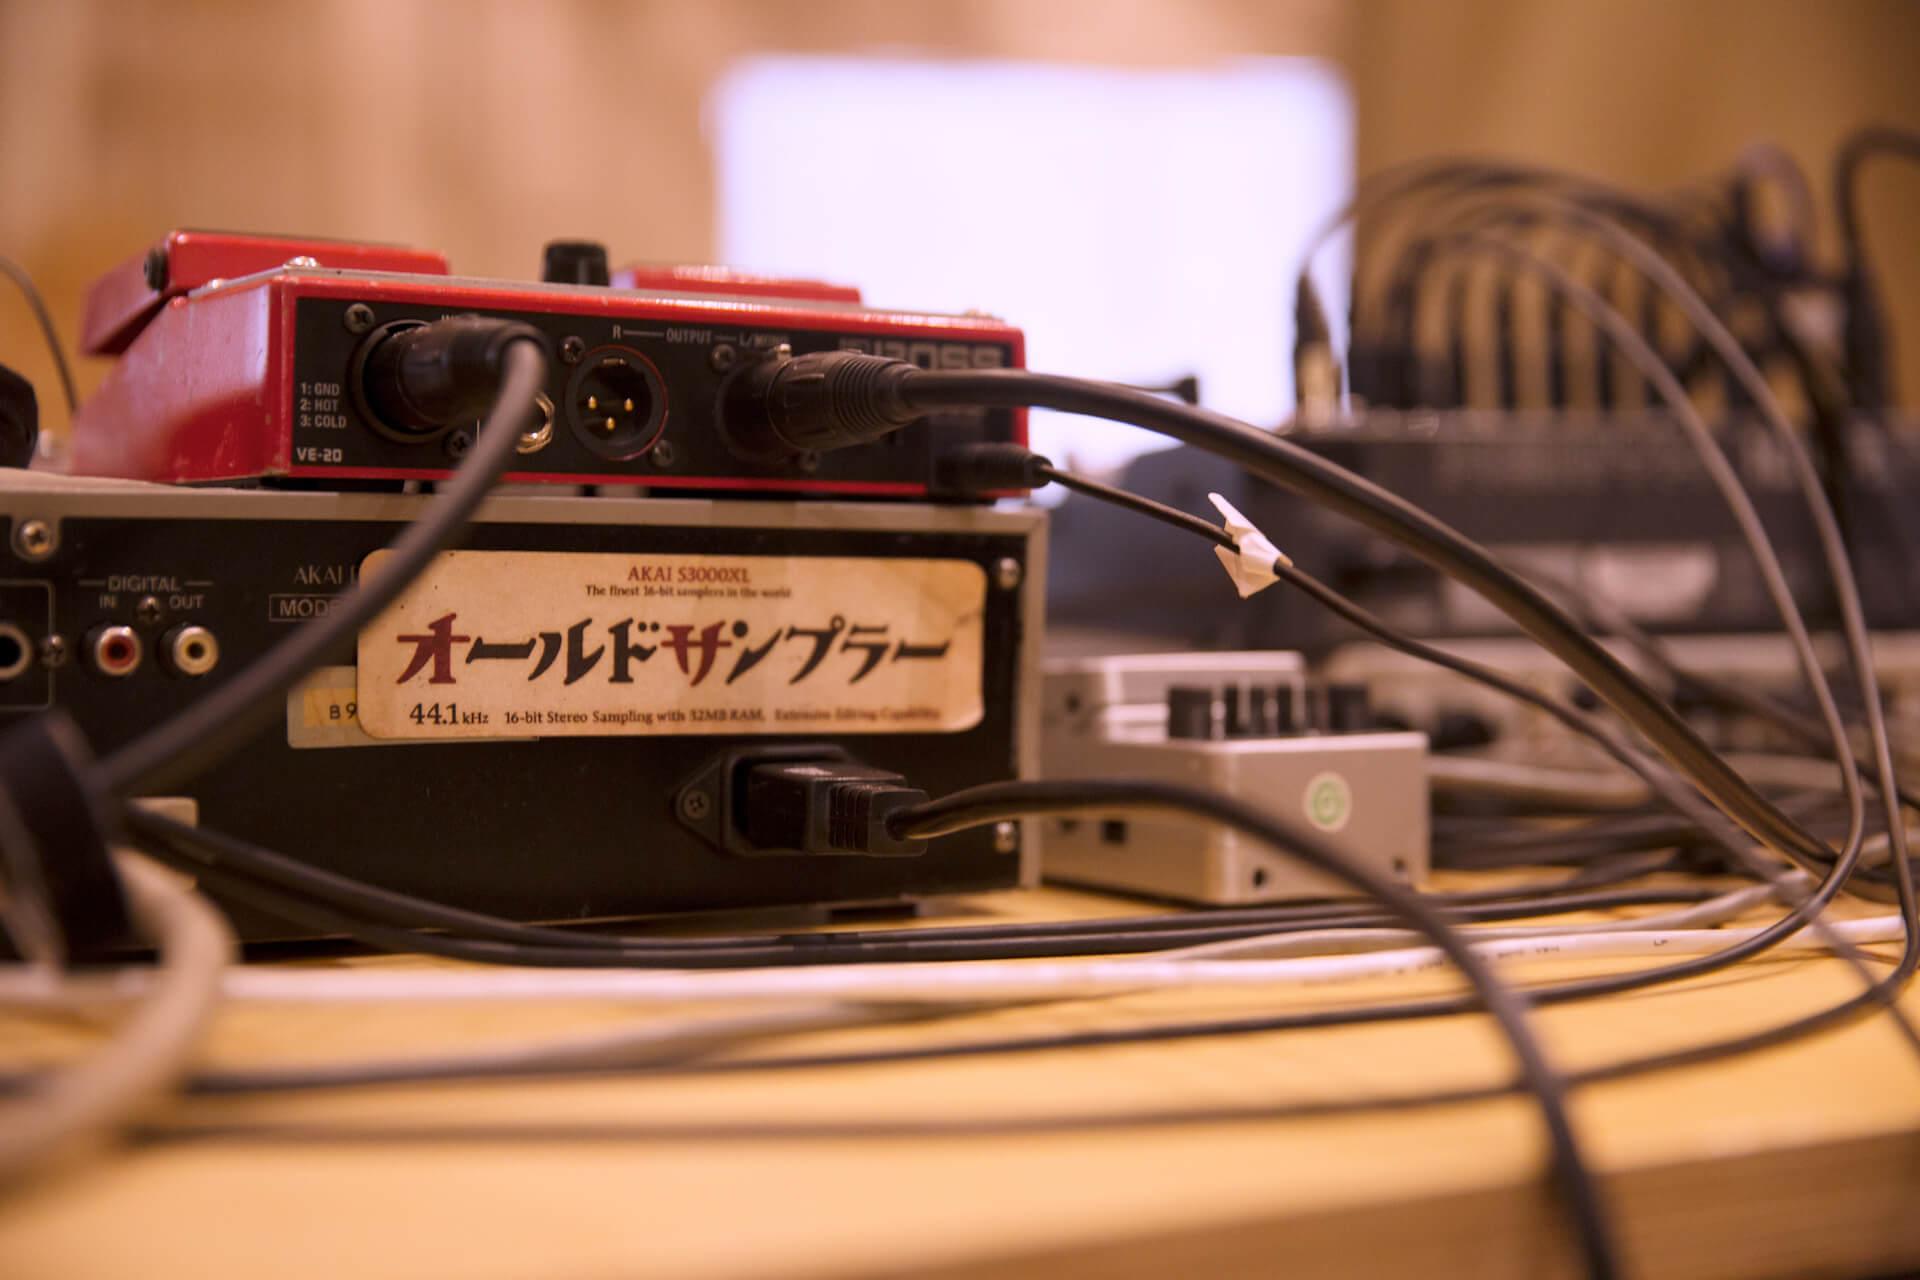 フォトレポ|ハウスシーンで歴史的事件となるSoichi Terada × Shinichiro Yokotaの再会 interview180912-kewl-soichi-terada-shinichiro-yokota-13-1